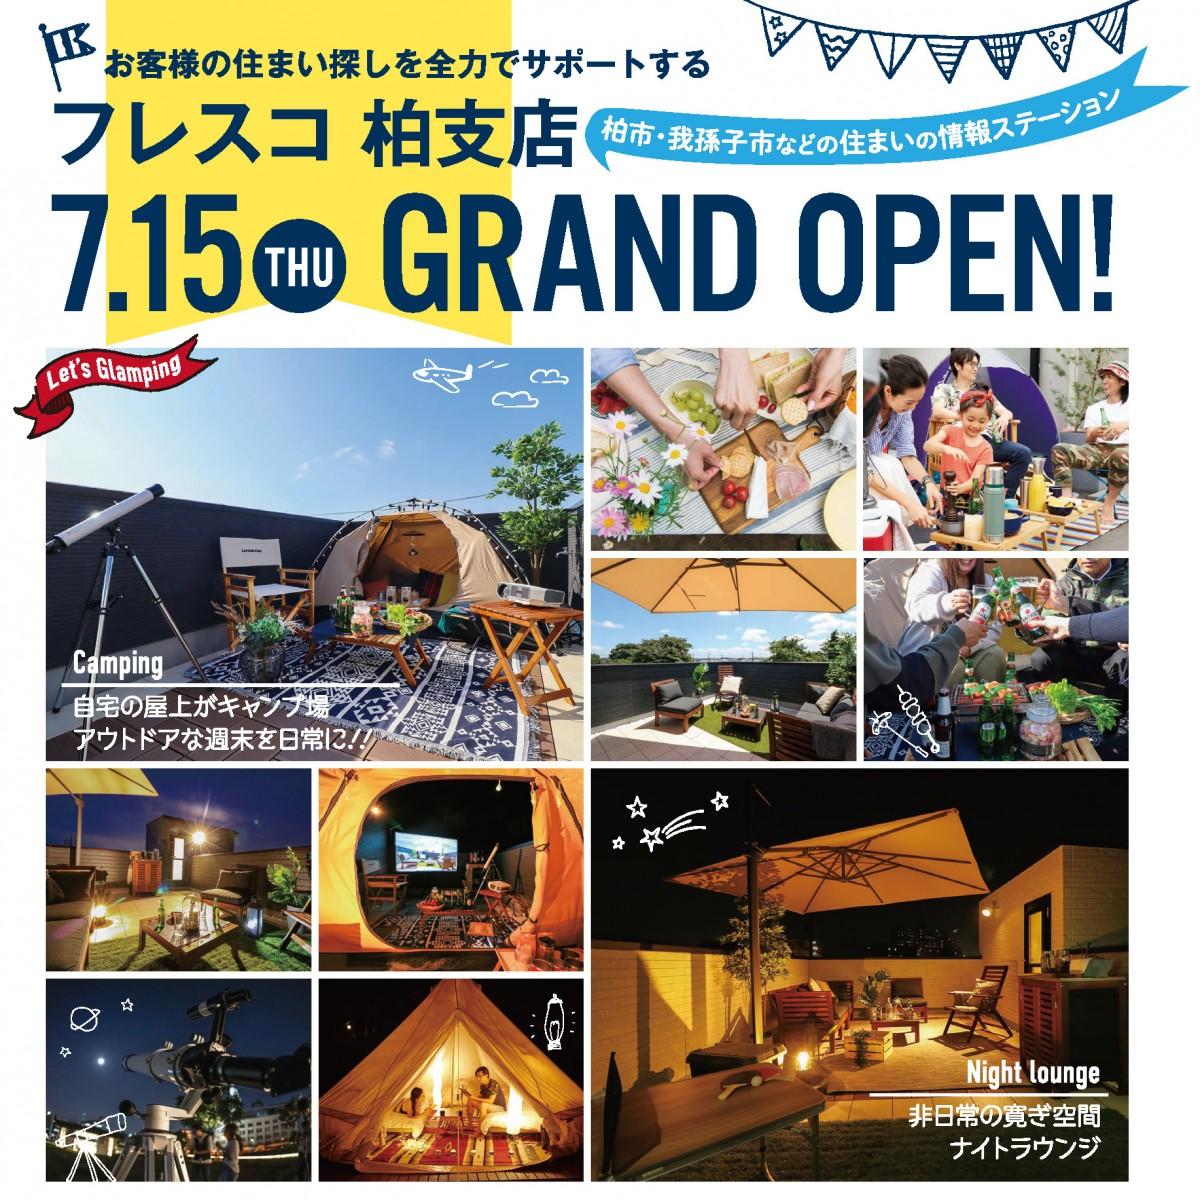 柏支店OPEN!記念イベント開催!!